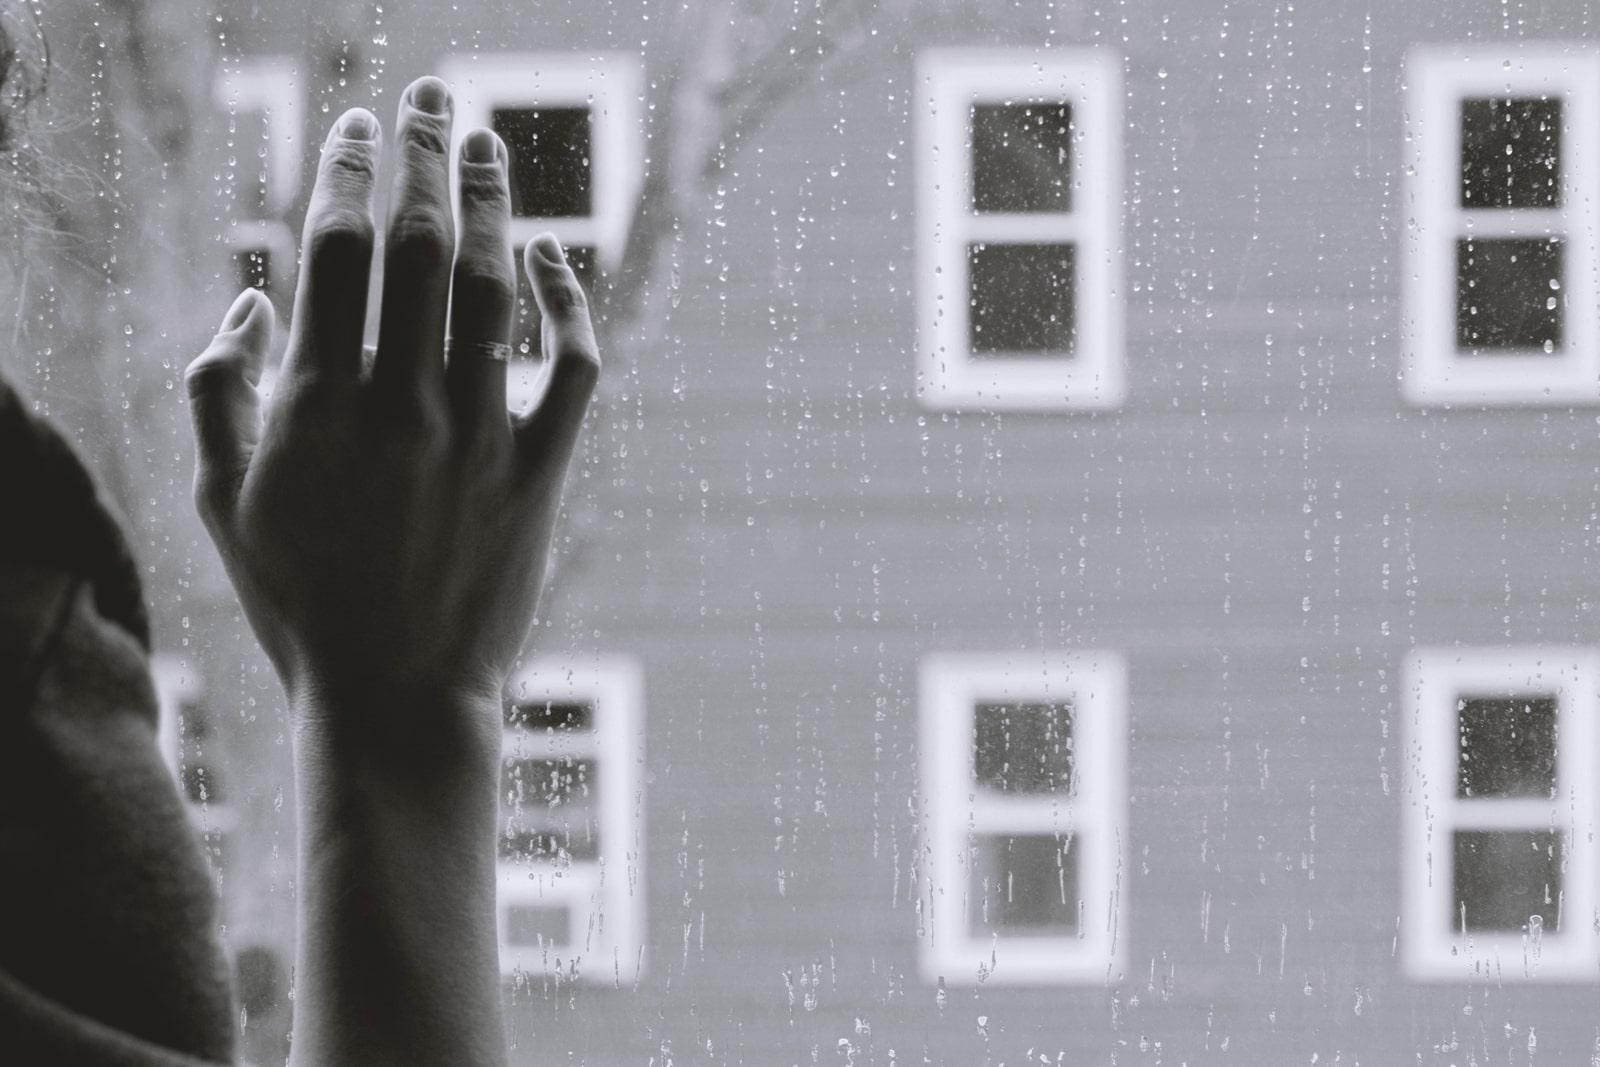 ガラス越しの雨と窓に触れる女性の手